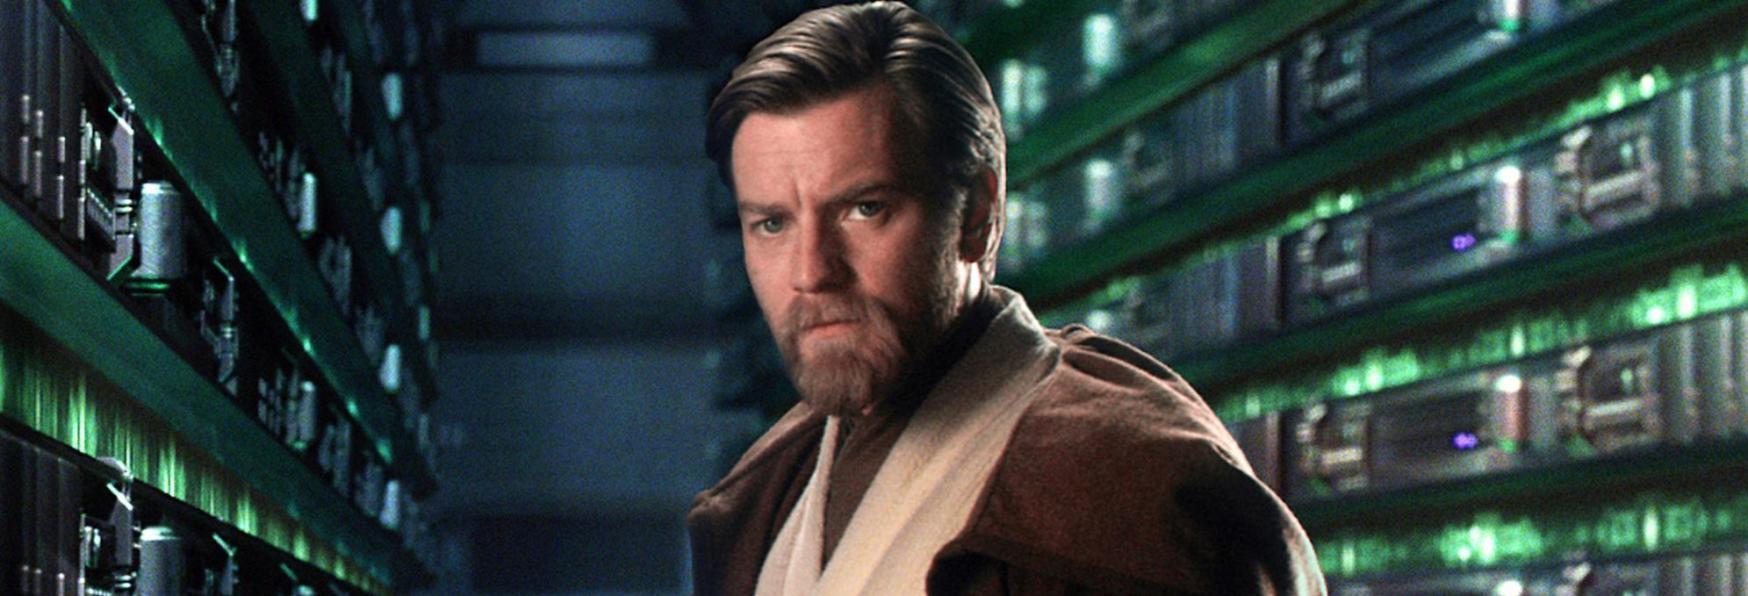 Star Wars: Obi-Wan Kenobi - Grande Eccitazione del Cast e della Crew durante le Riprese della nuova Serie TV